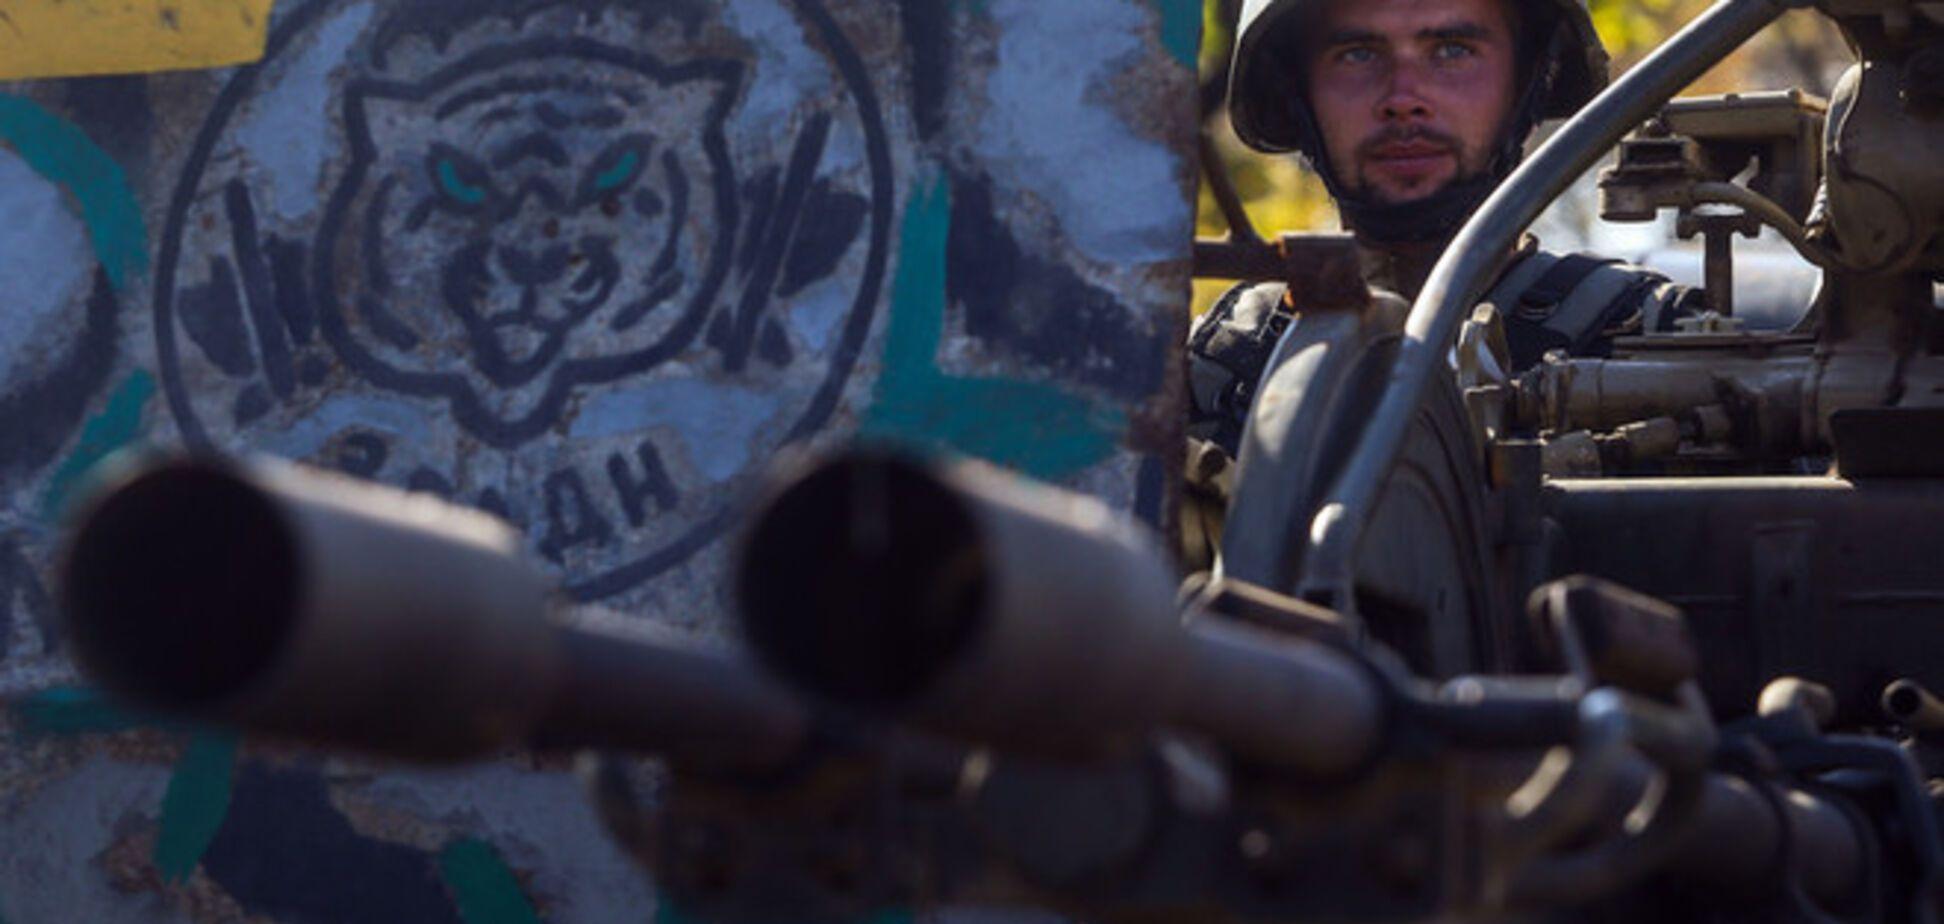 Проти українських воїнів на Донбасі використовують боєприпаси з керамічними осколками